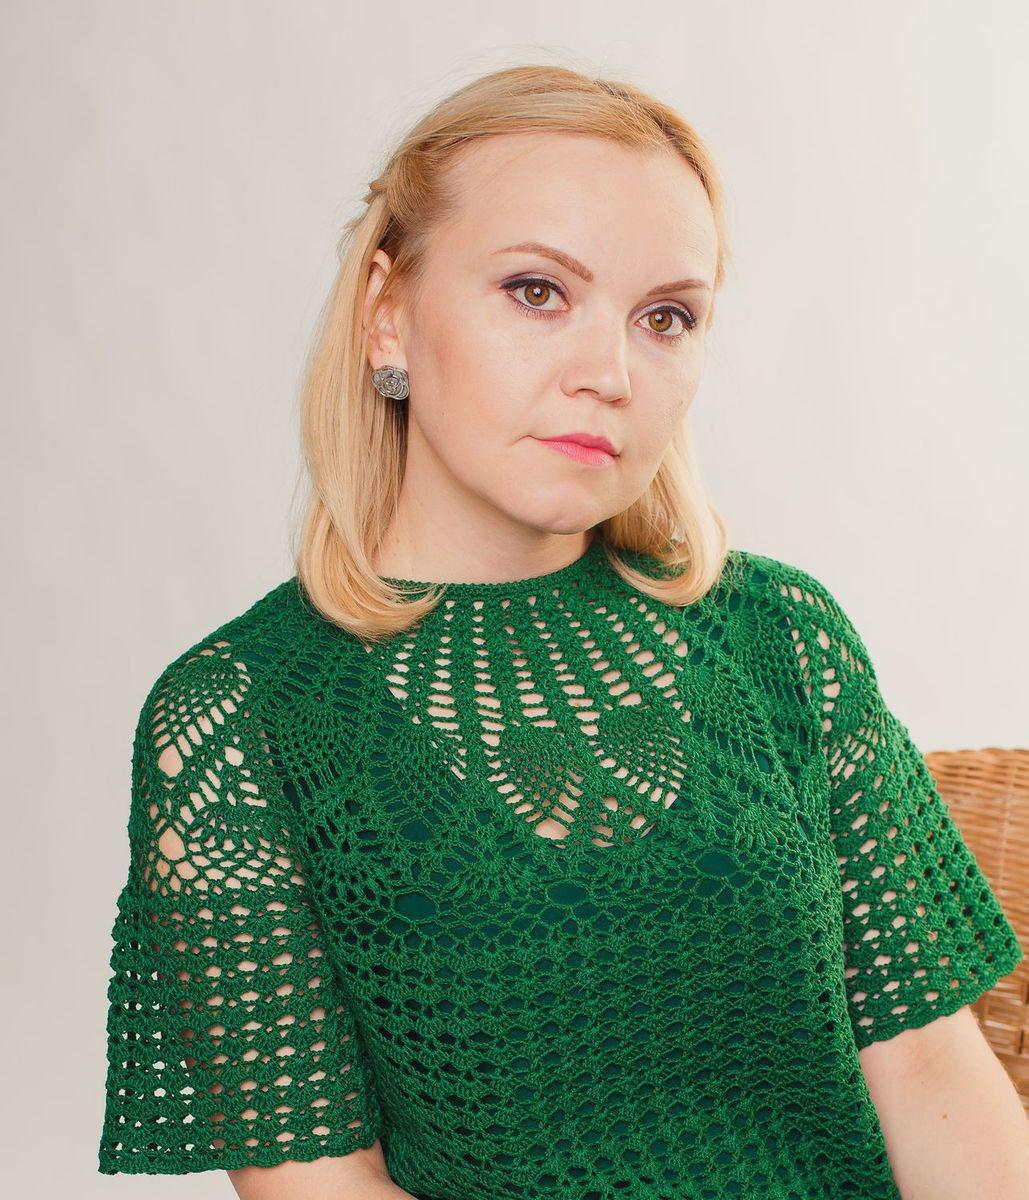 f6036f7121a Платье зеленое ажурное вязаное летнее с круглой кокеткой ручной работы на  заказ